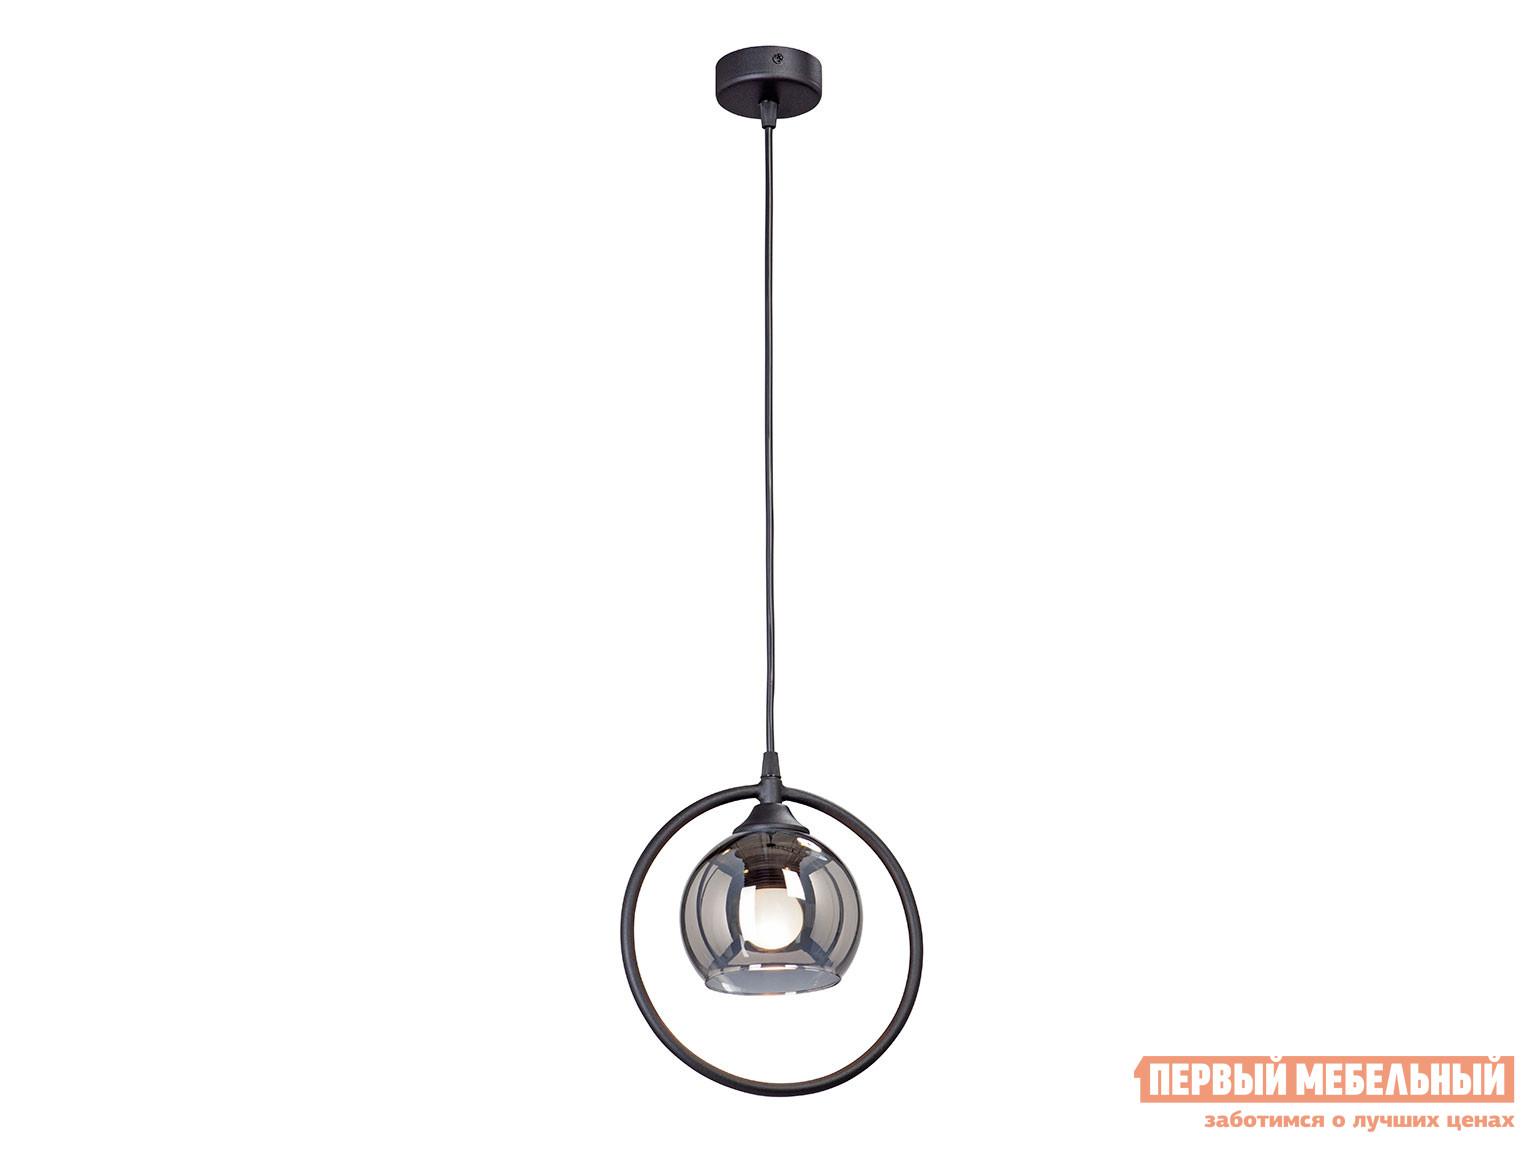 Подвесной светильник КСК-электро Люстра V4814-1/1S